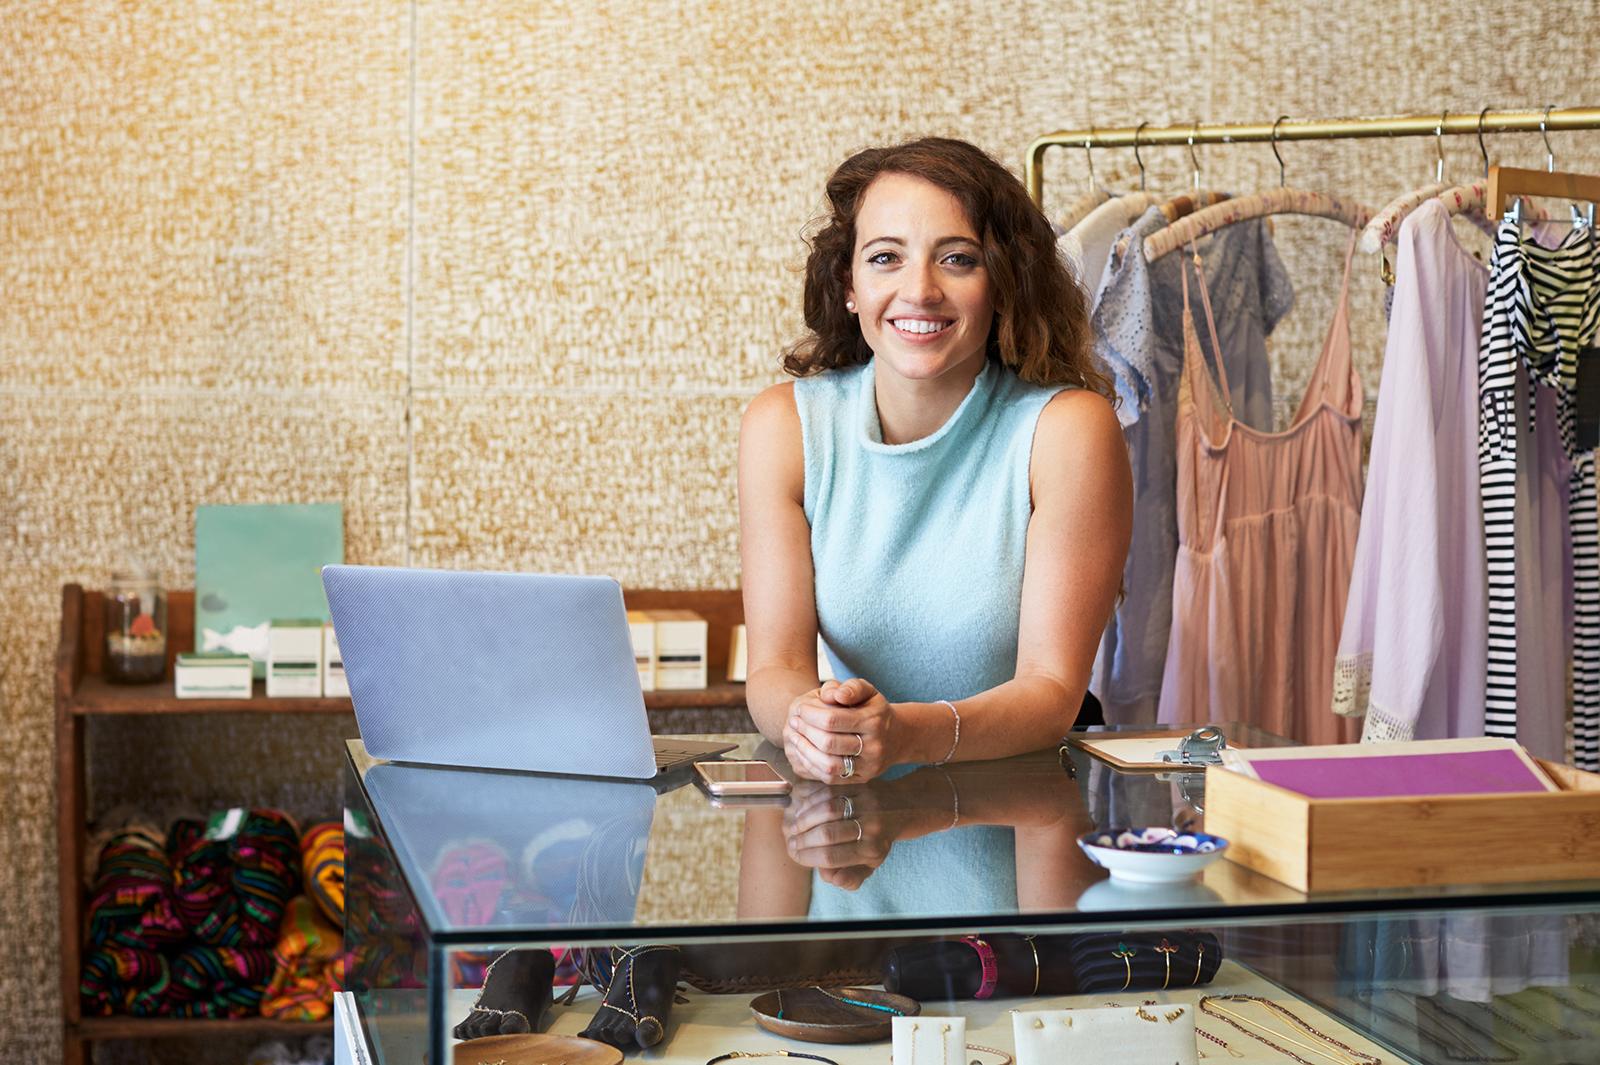 アパレルとは?ショップで販売員として働くための基礎知識と仕事内容/Photo by Monkey Business Images